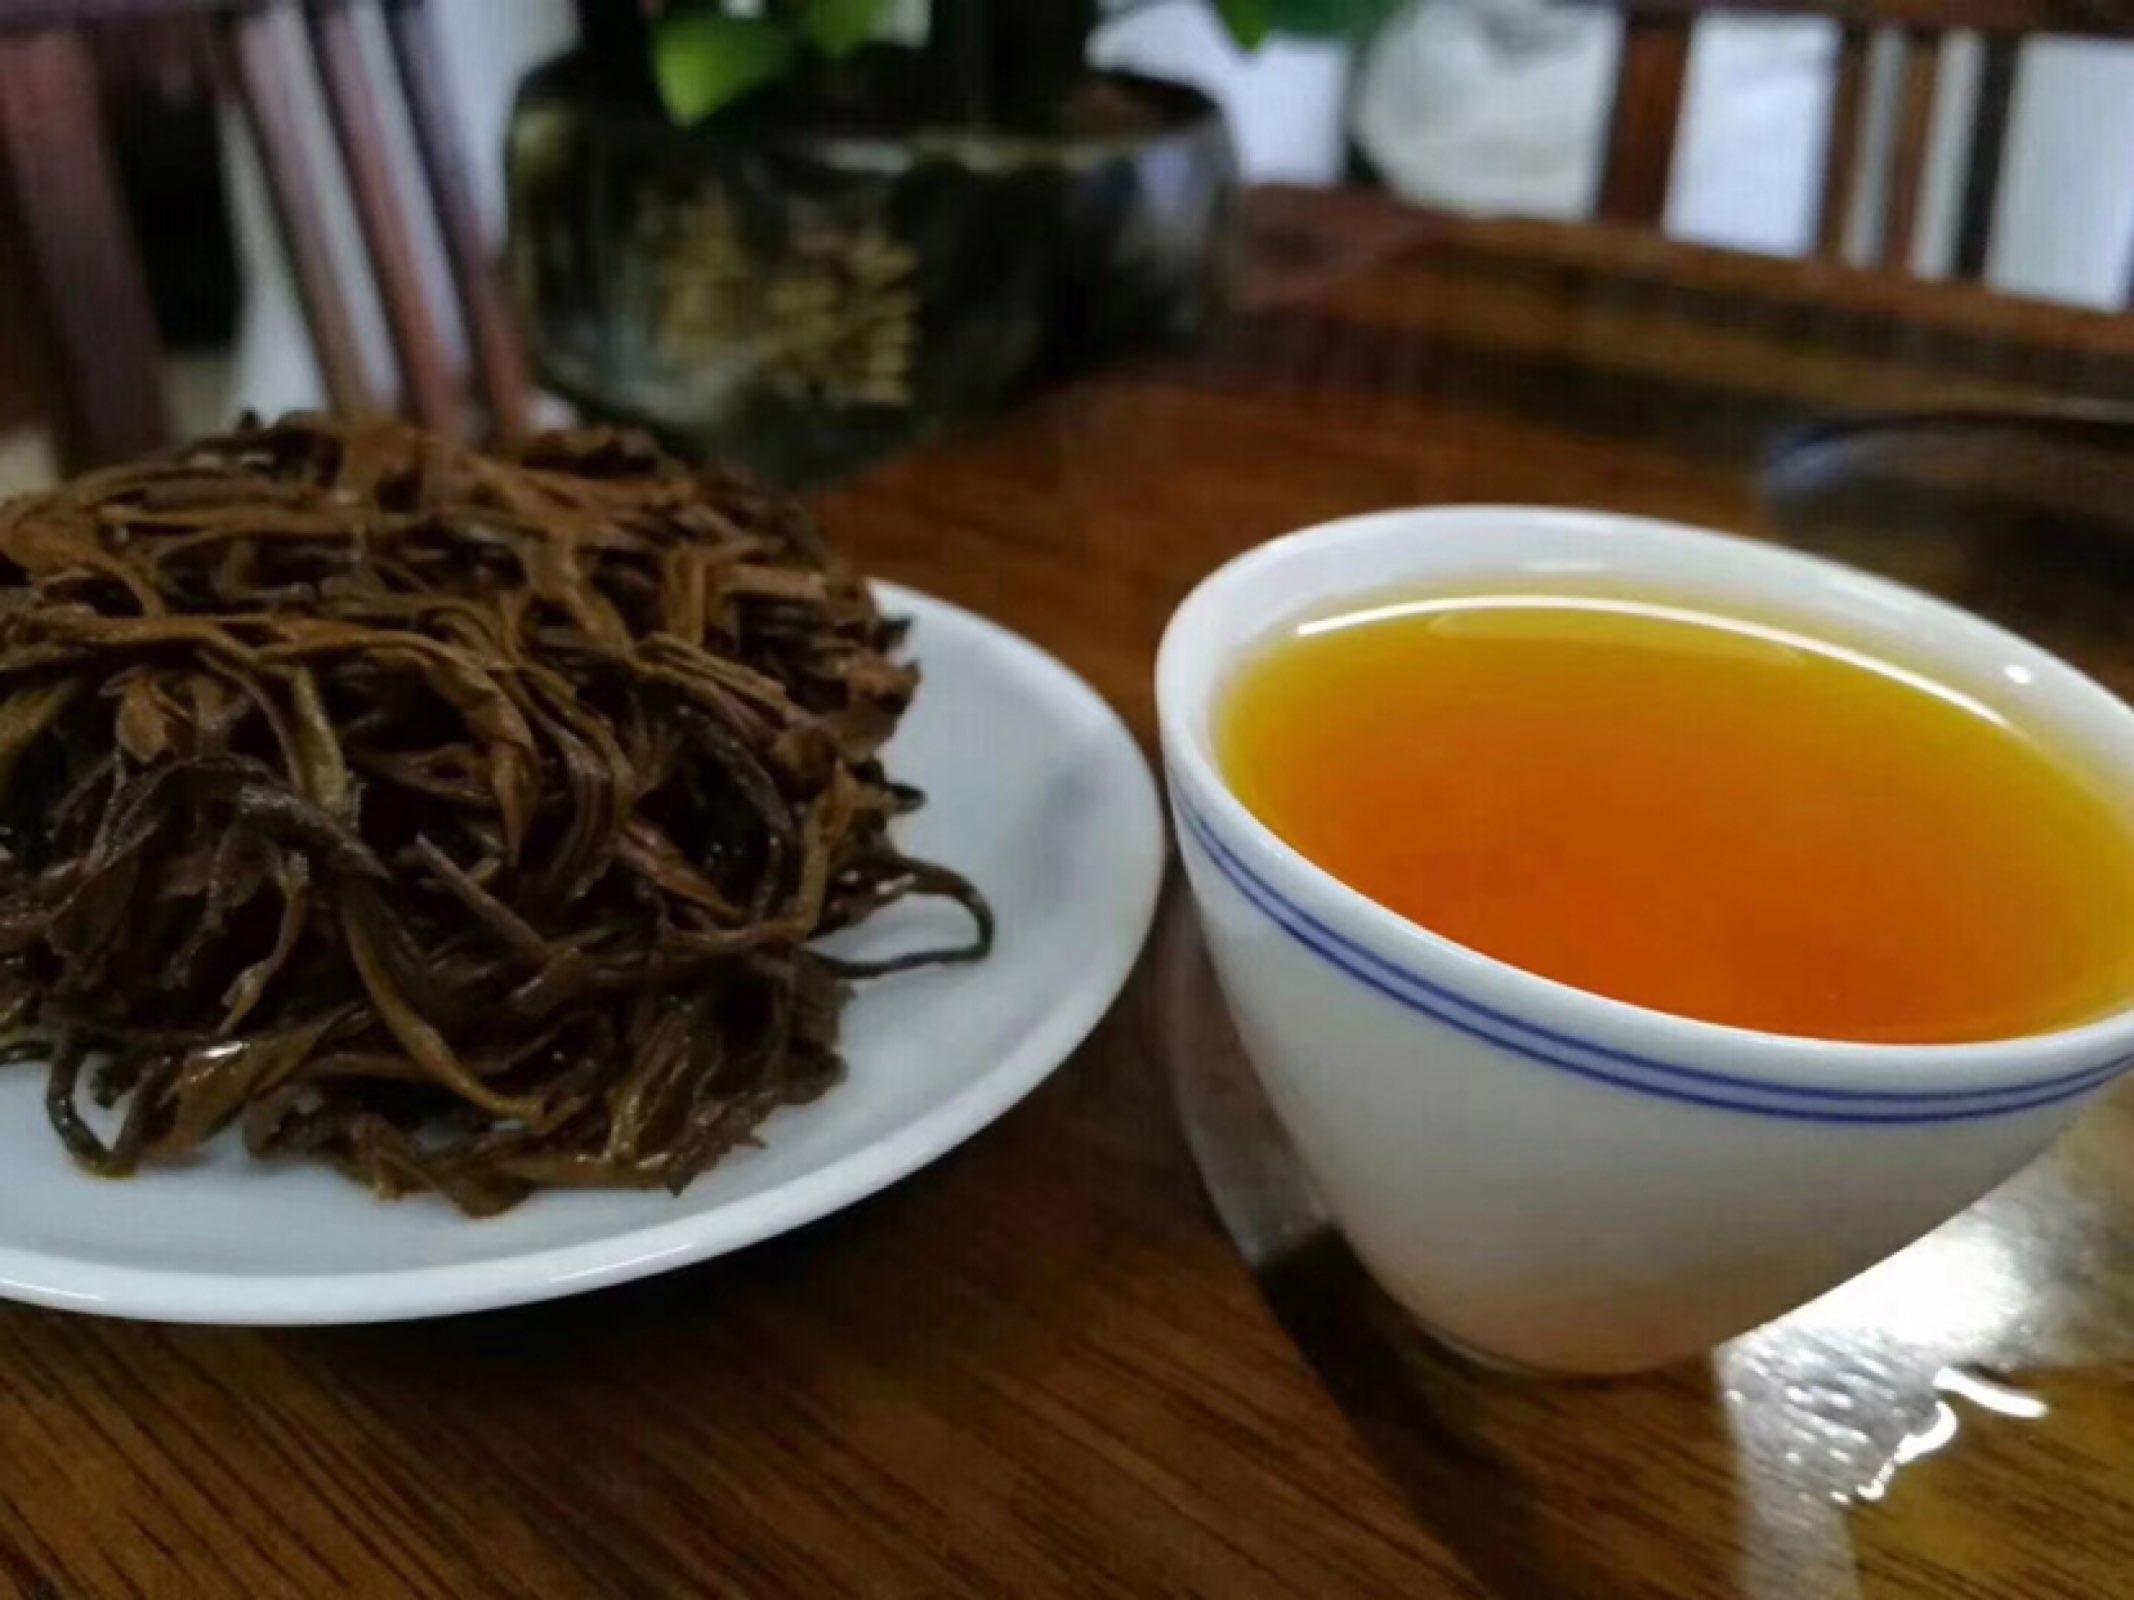 今日推荐:一款外型与香气口感并重的红茶